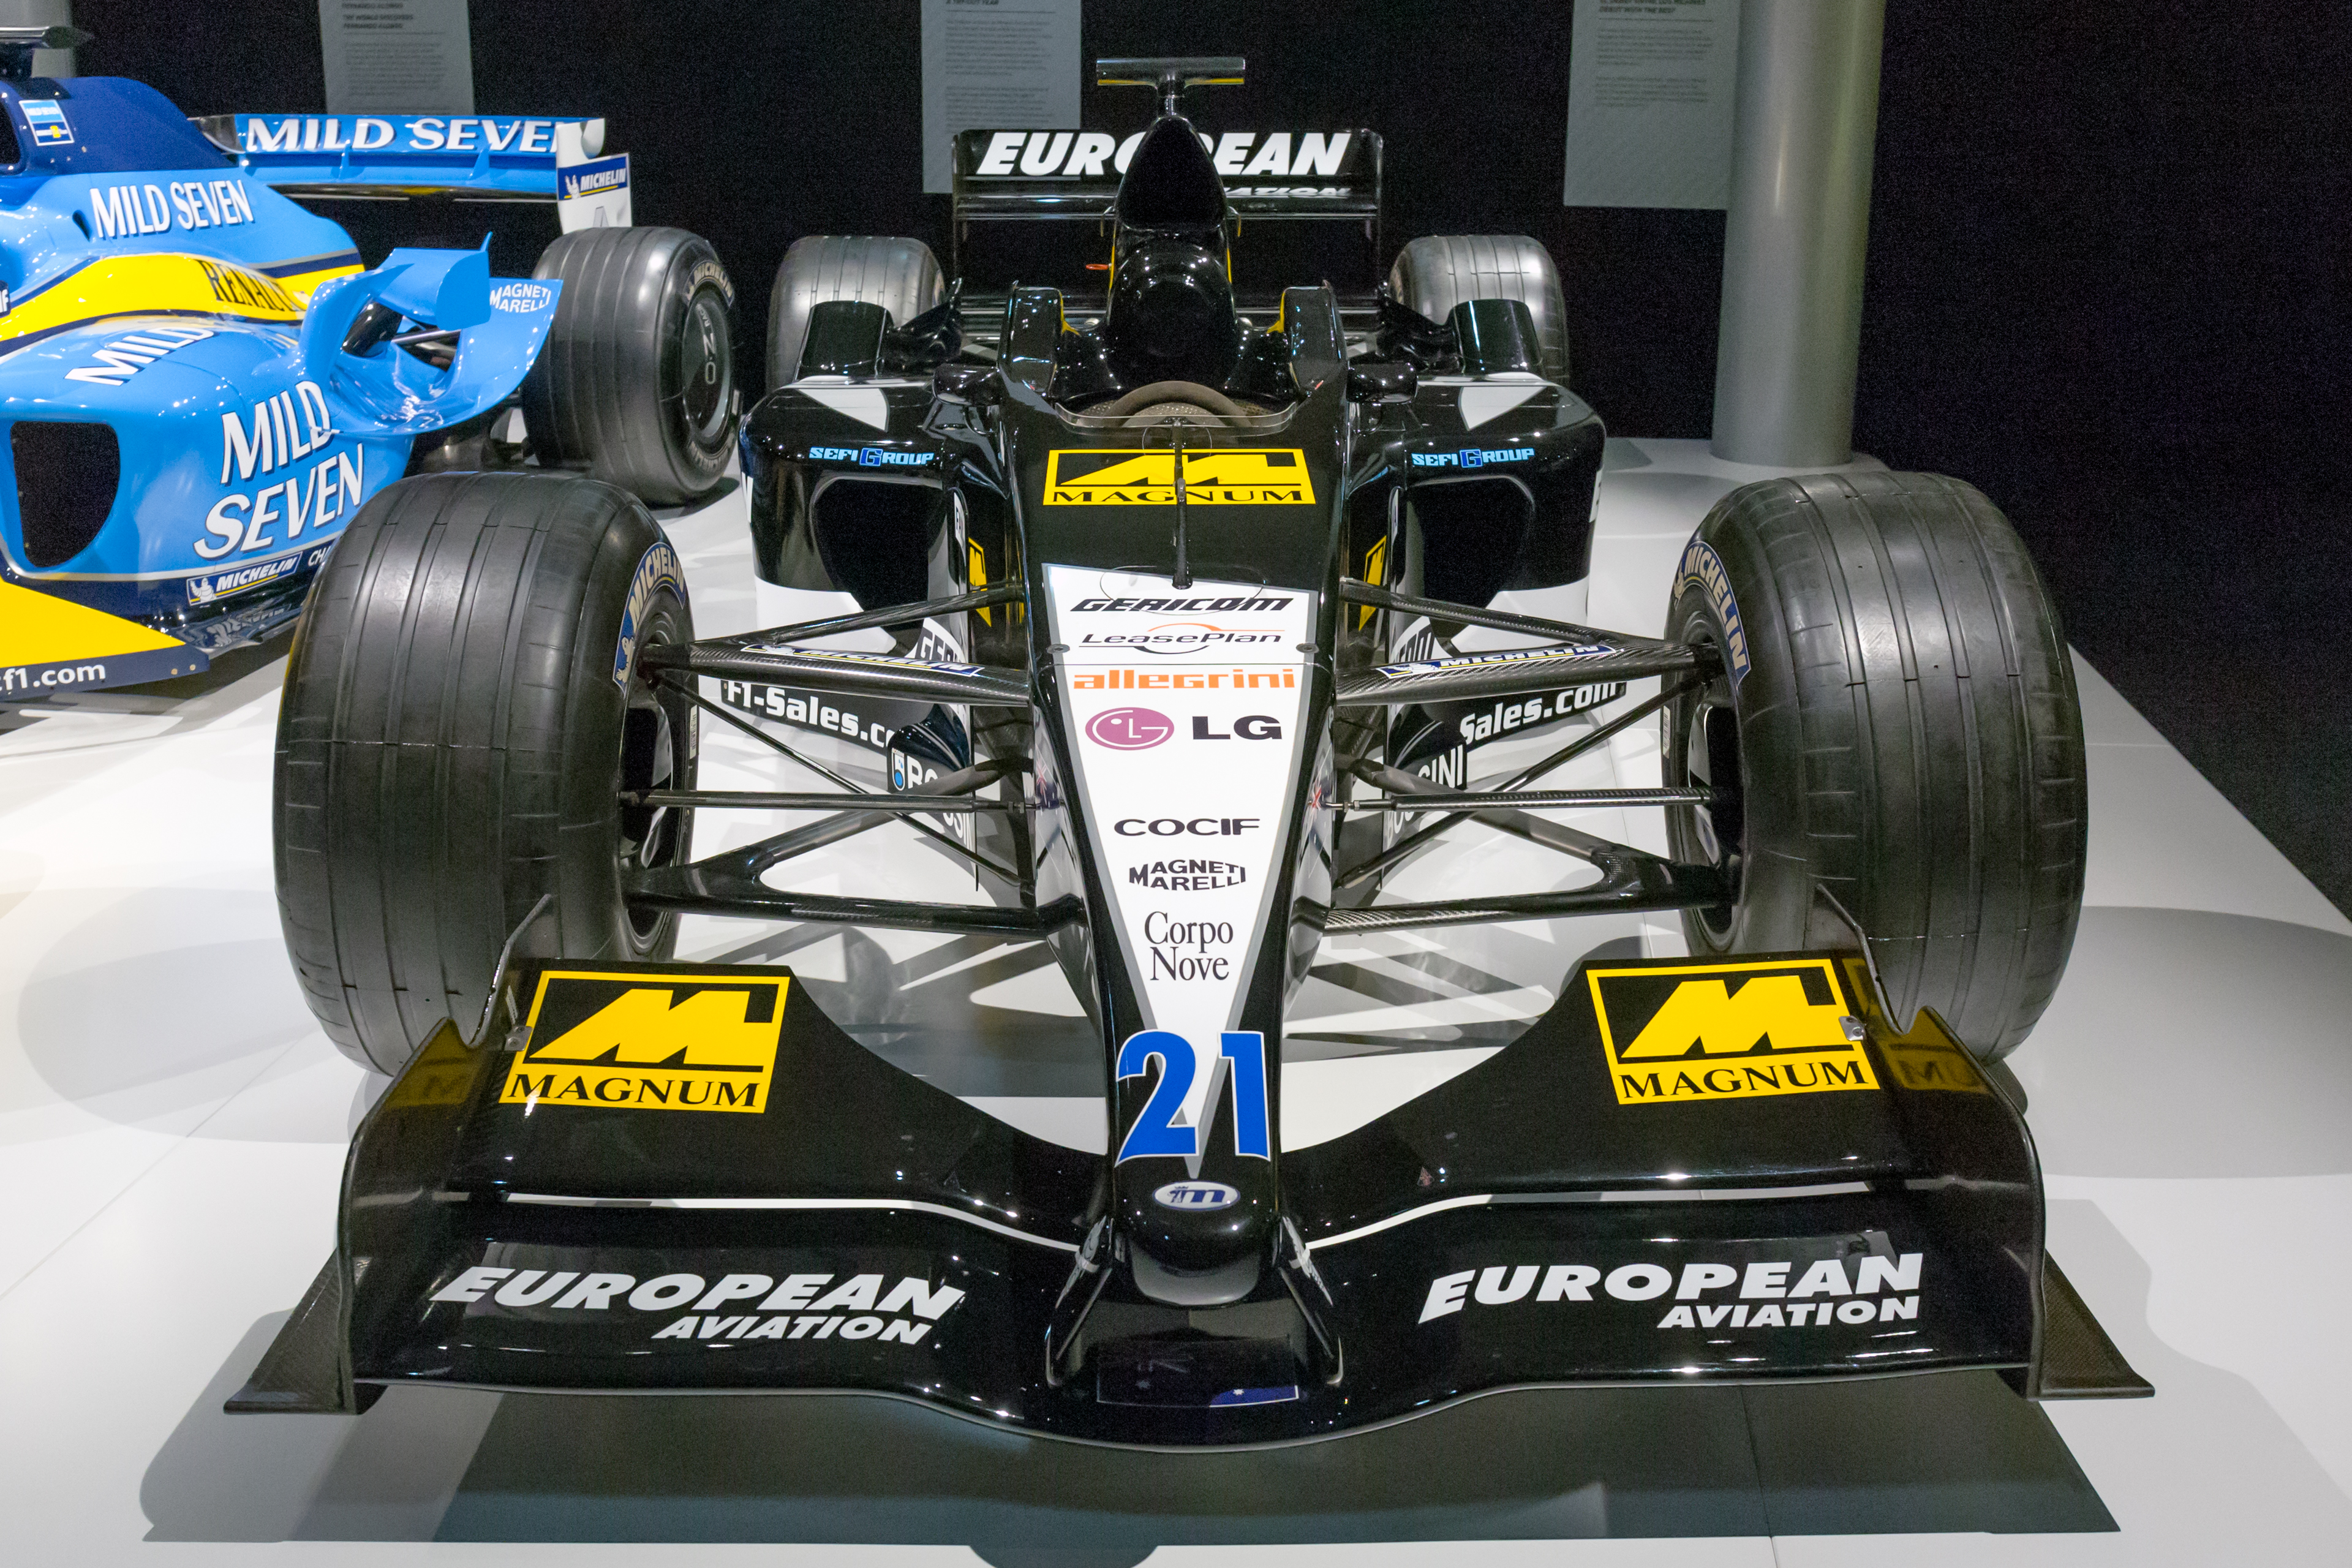 Museo Y Circuito Fernando Alonso : Fórmula fernando alonso inaugura su museo y circuito en oviedo